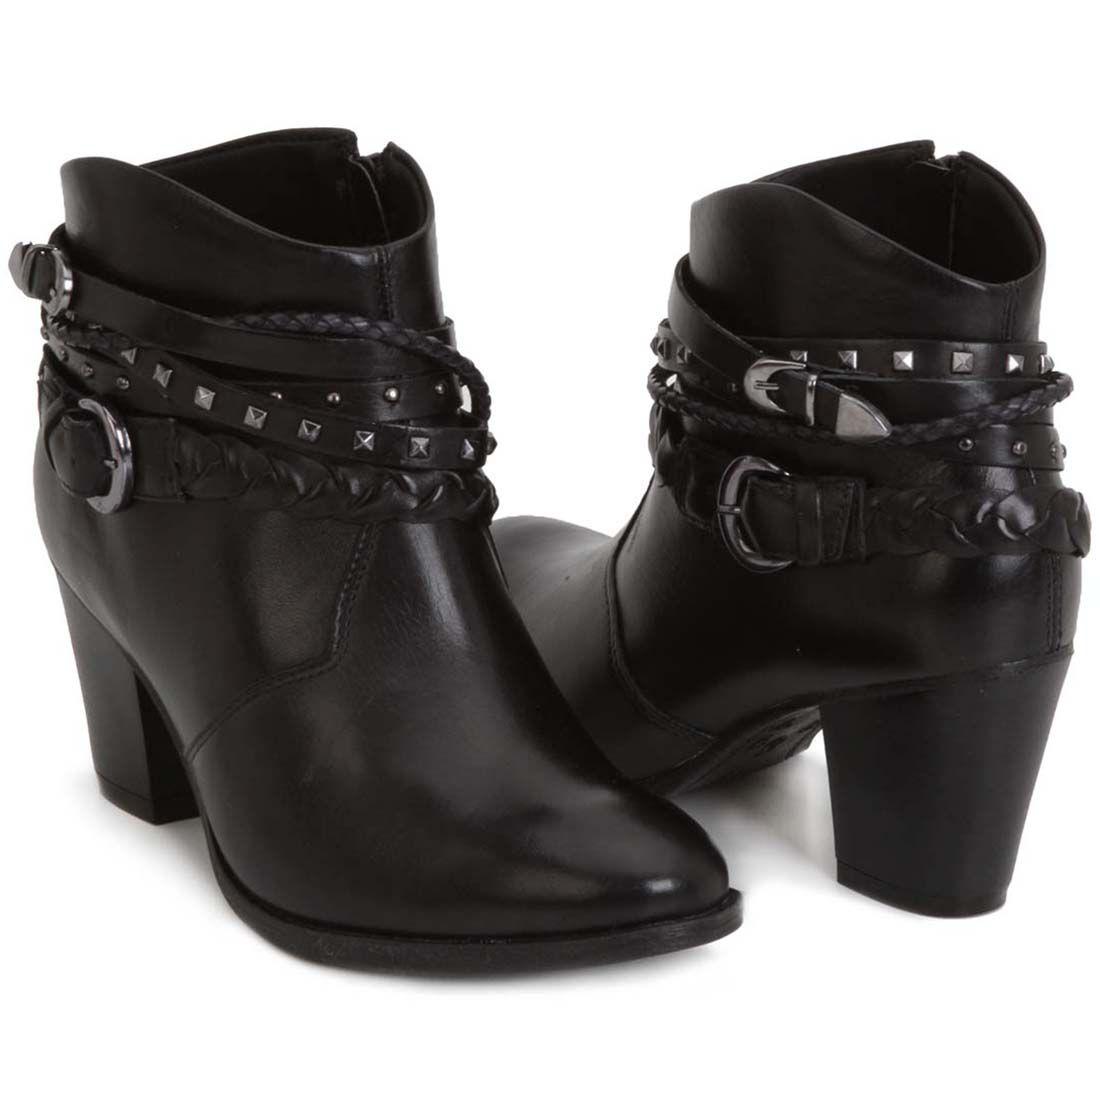 3ce1bb422 Bota Ramarim Preta Com Fivelas E Tachas | SHOES | Sapatos, Botas e Looks